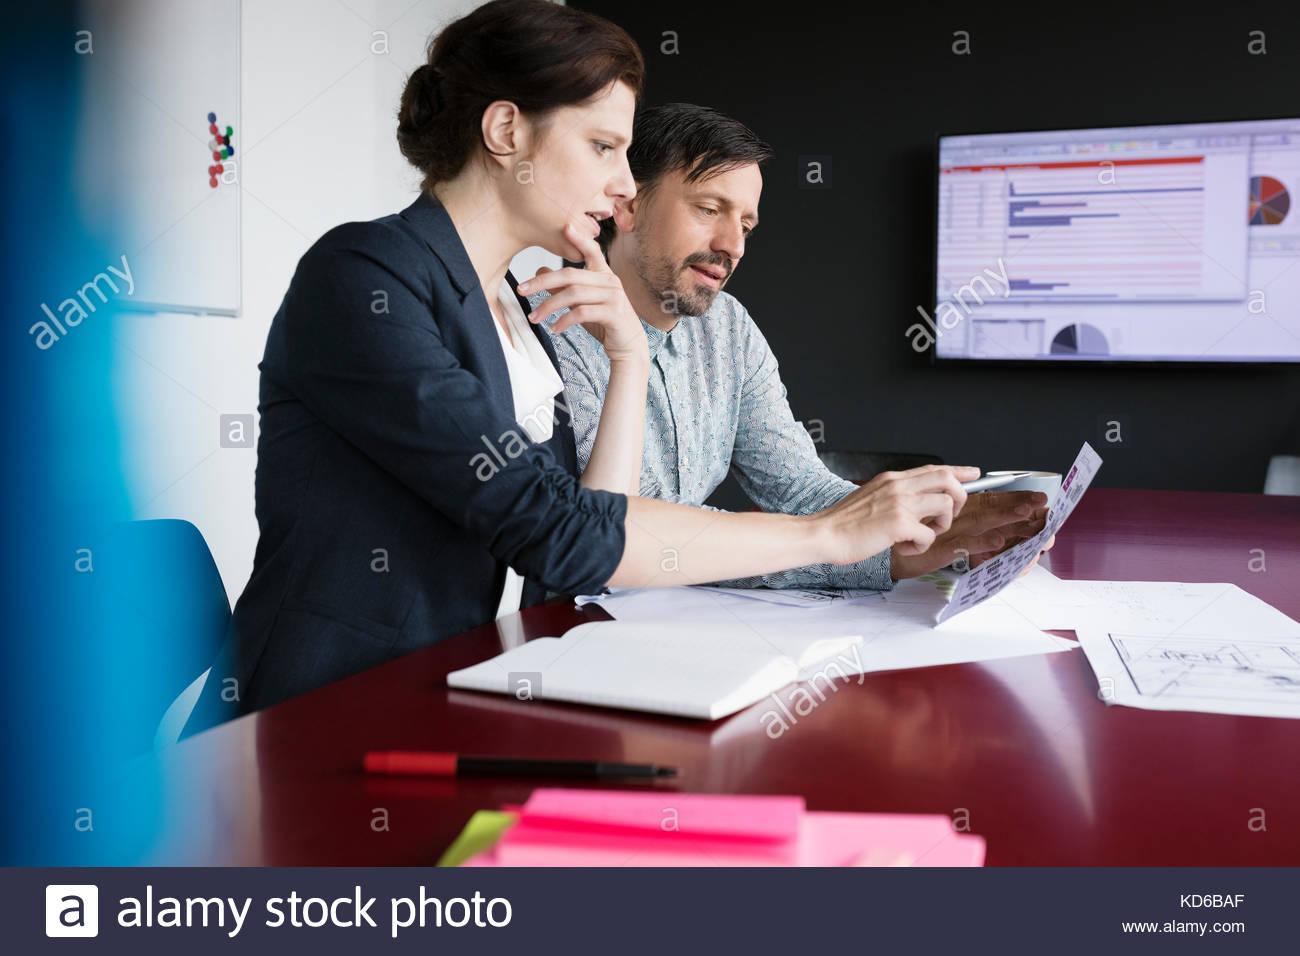 La gente di affari la revisione di documenti cartacei in sala conferenza incontro Immagini Stock